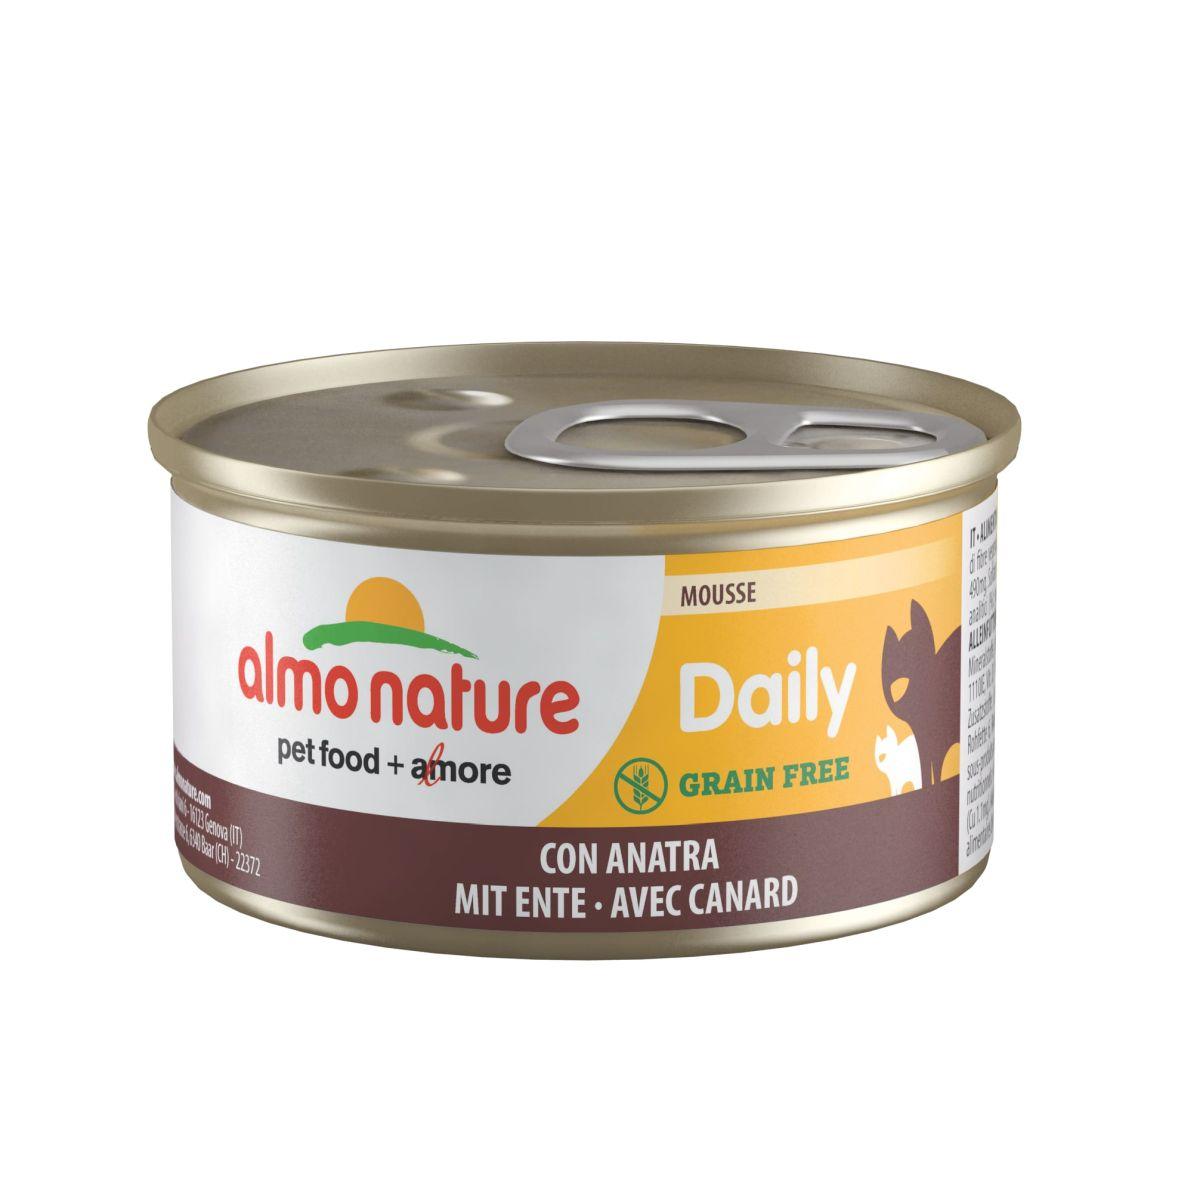 Almo Nature Daily Mousse met Eend Per 24